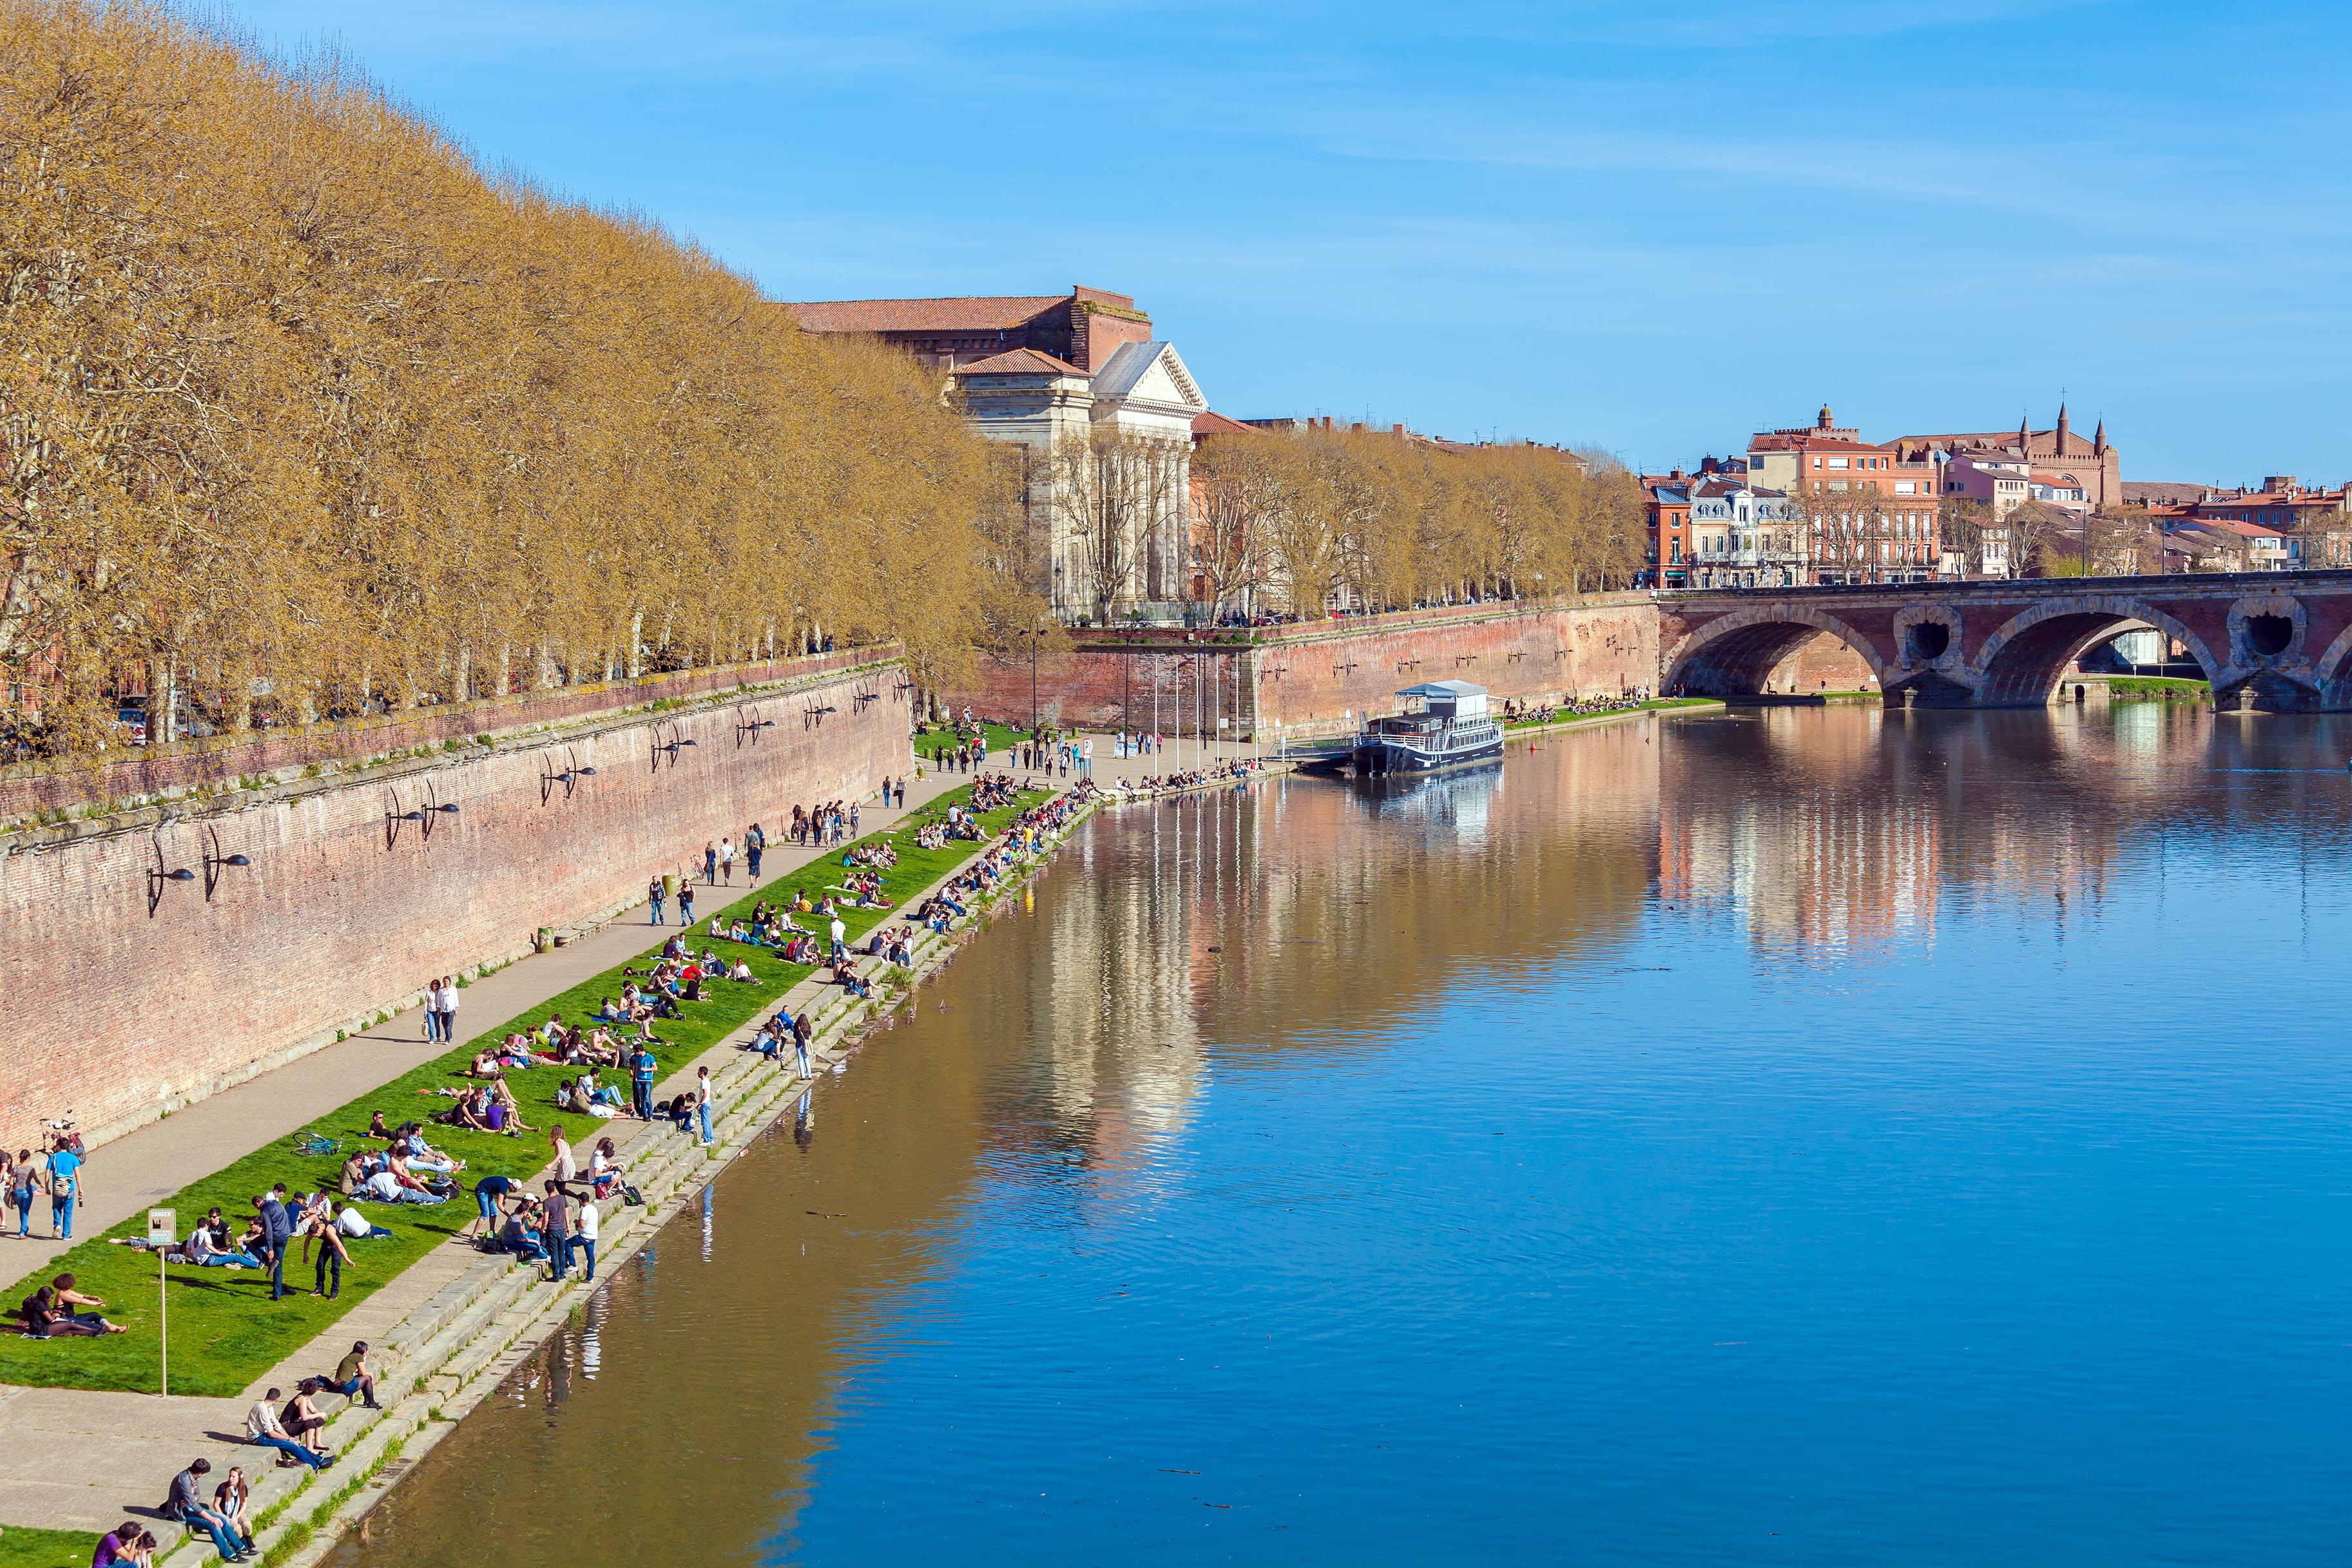 Un paseo por los canales de Toulouse - Francia Circuito Sur de Francia: de Aviñón a Toulouse